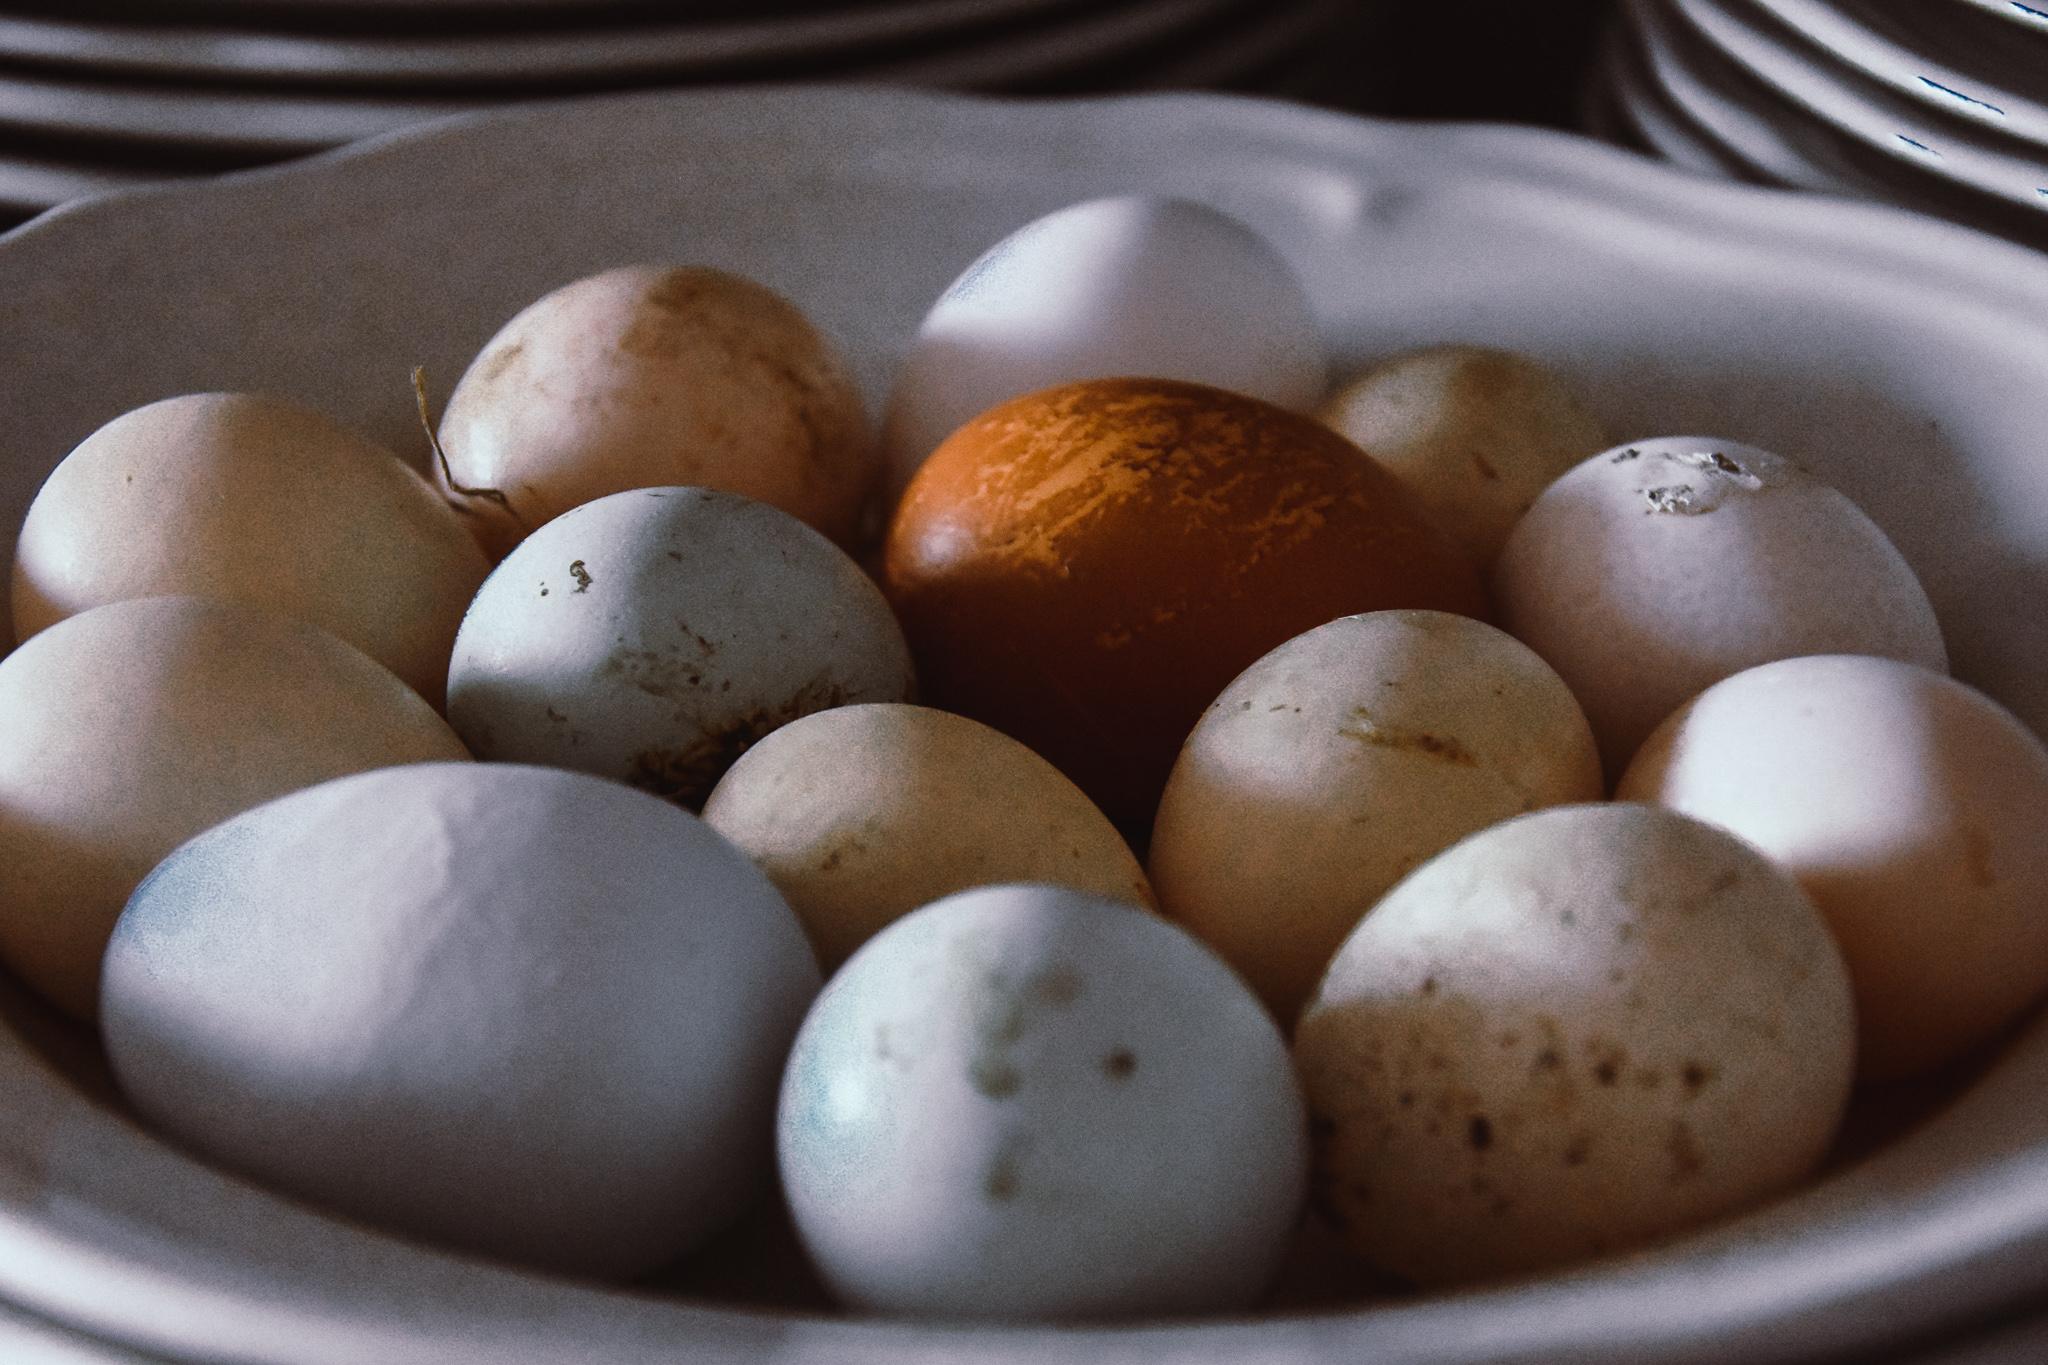 De små äggen kallas prinsessägg och läggs av unga hönor